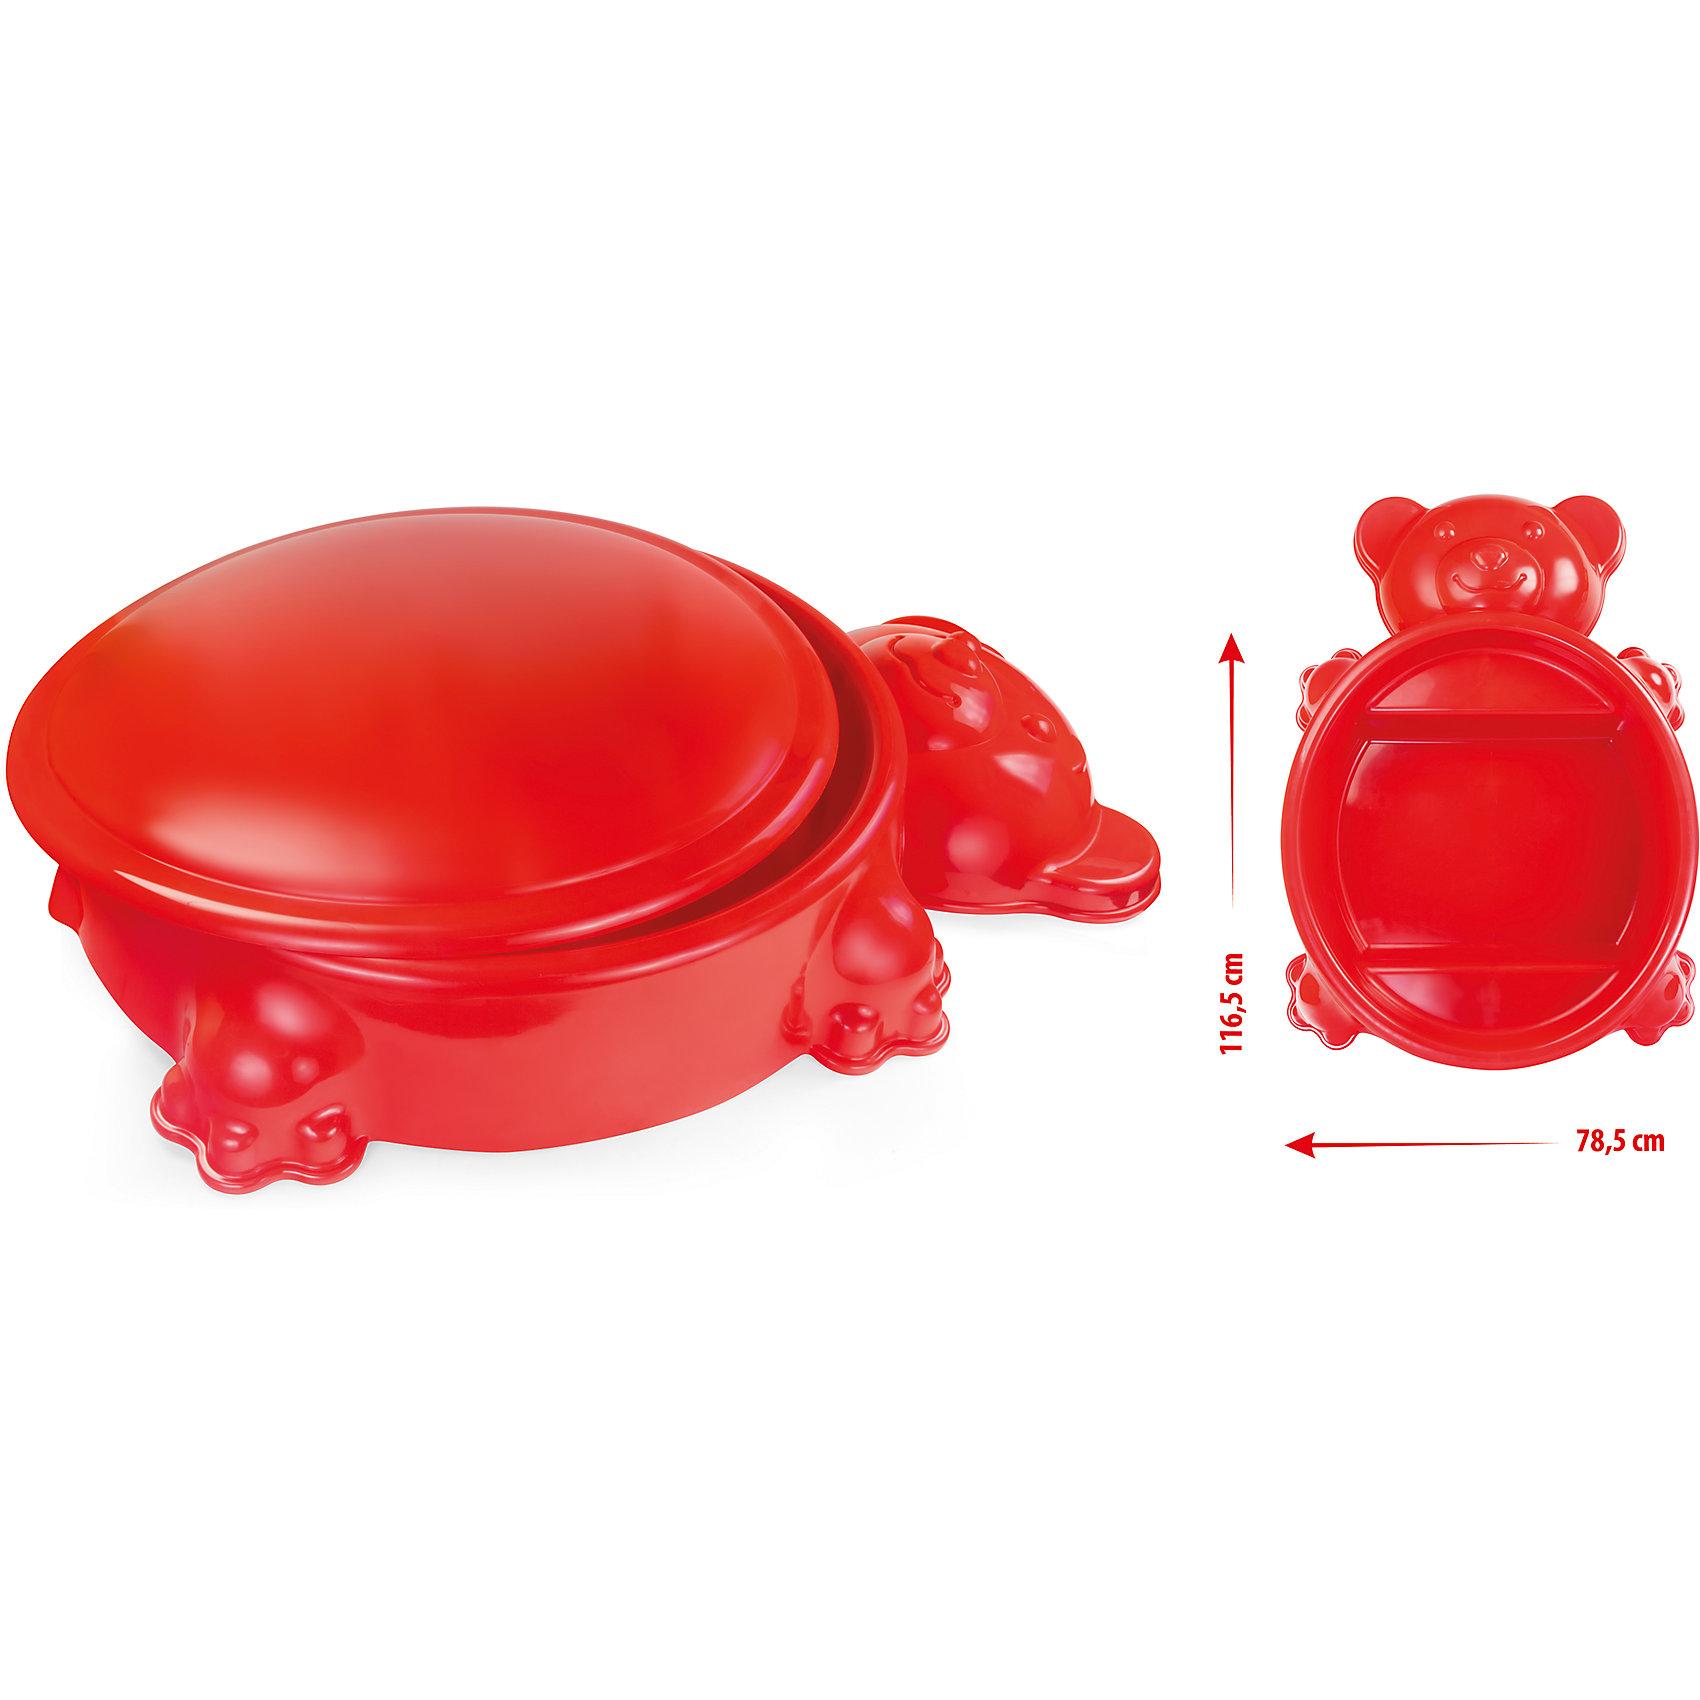 Песочница мишка с крышкой, MochtoysИграем в песочнице<br>Песочница мишка с крышкой, Mochtoys.<br><br>Характеристики:<br><br>• Для детей в возрасте: от 1 года<br>• Размер без крышки: 116,5х78,5х20 см.<br>• Внутренний размер: 73х 6 см.<br>• Высота с крышкой: 25 см.<br>• Материал: пластик<br>• Цвет: красный<br>• Вес: 3,54 кг.<br><br>Яркая песочница изготовлена из высококачественного экологически чистого пластика, устойчивого к воздействию температур. Поверхность песочницы не выгорает на солнце. Изделие можно использовать как песочницу, бассейн, контейнер для хранения игрушек. Песочница выполнена в виде забавного медвежонка. Внутри есть 2 выступа, выполняющие функции скамеечек. Для защиты от грязи и мусора песочницу можно закрыть крышкой. В закрытом виде может использоваться как столик.<br><br>Песочницу мишка с крышкой, Mochtoys можно купить в нашем интернет-магазине.<br><br>Ширина мм: 1165<br>Глубина мм: 785<br>Высота мм: 250<br>Вес г: 3540<br>Возраст от месяцев: 12<br>Возраст до месяцев: 84<br>Пол: Унисекс<br>Возраст: Детский<br>SKU: 5510720